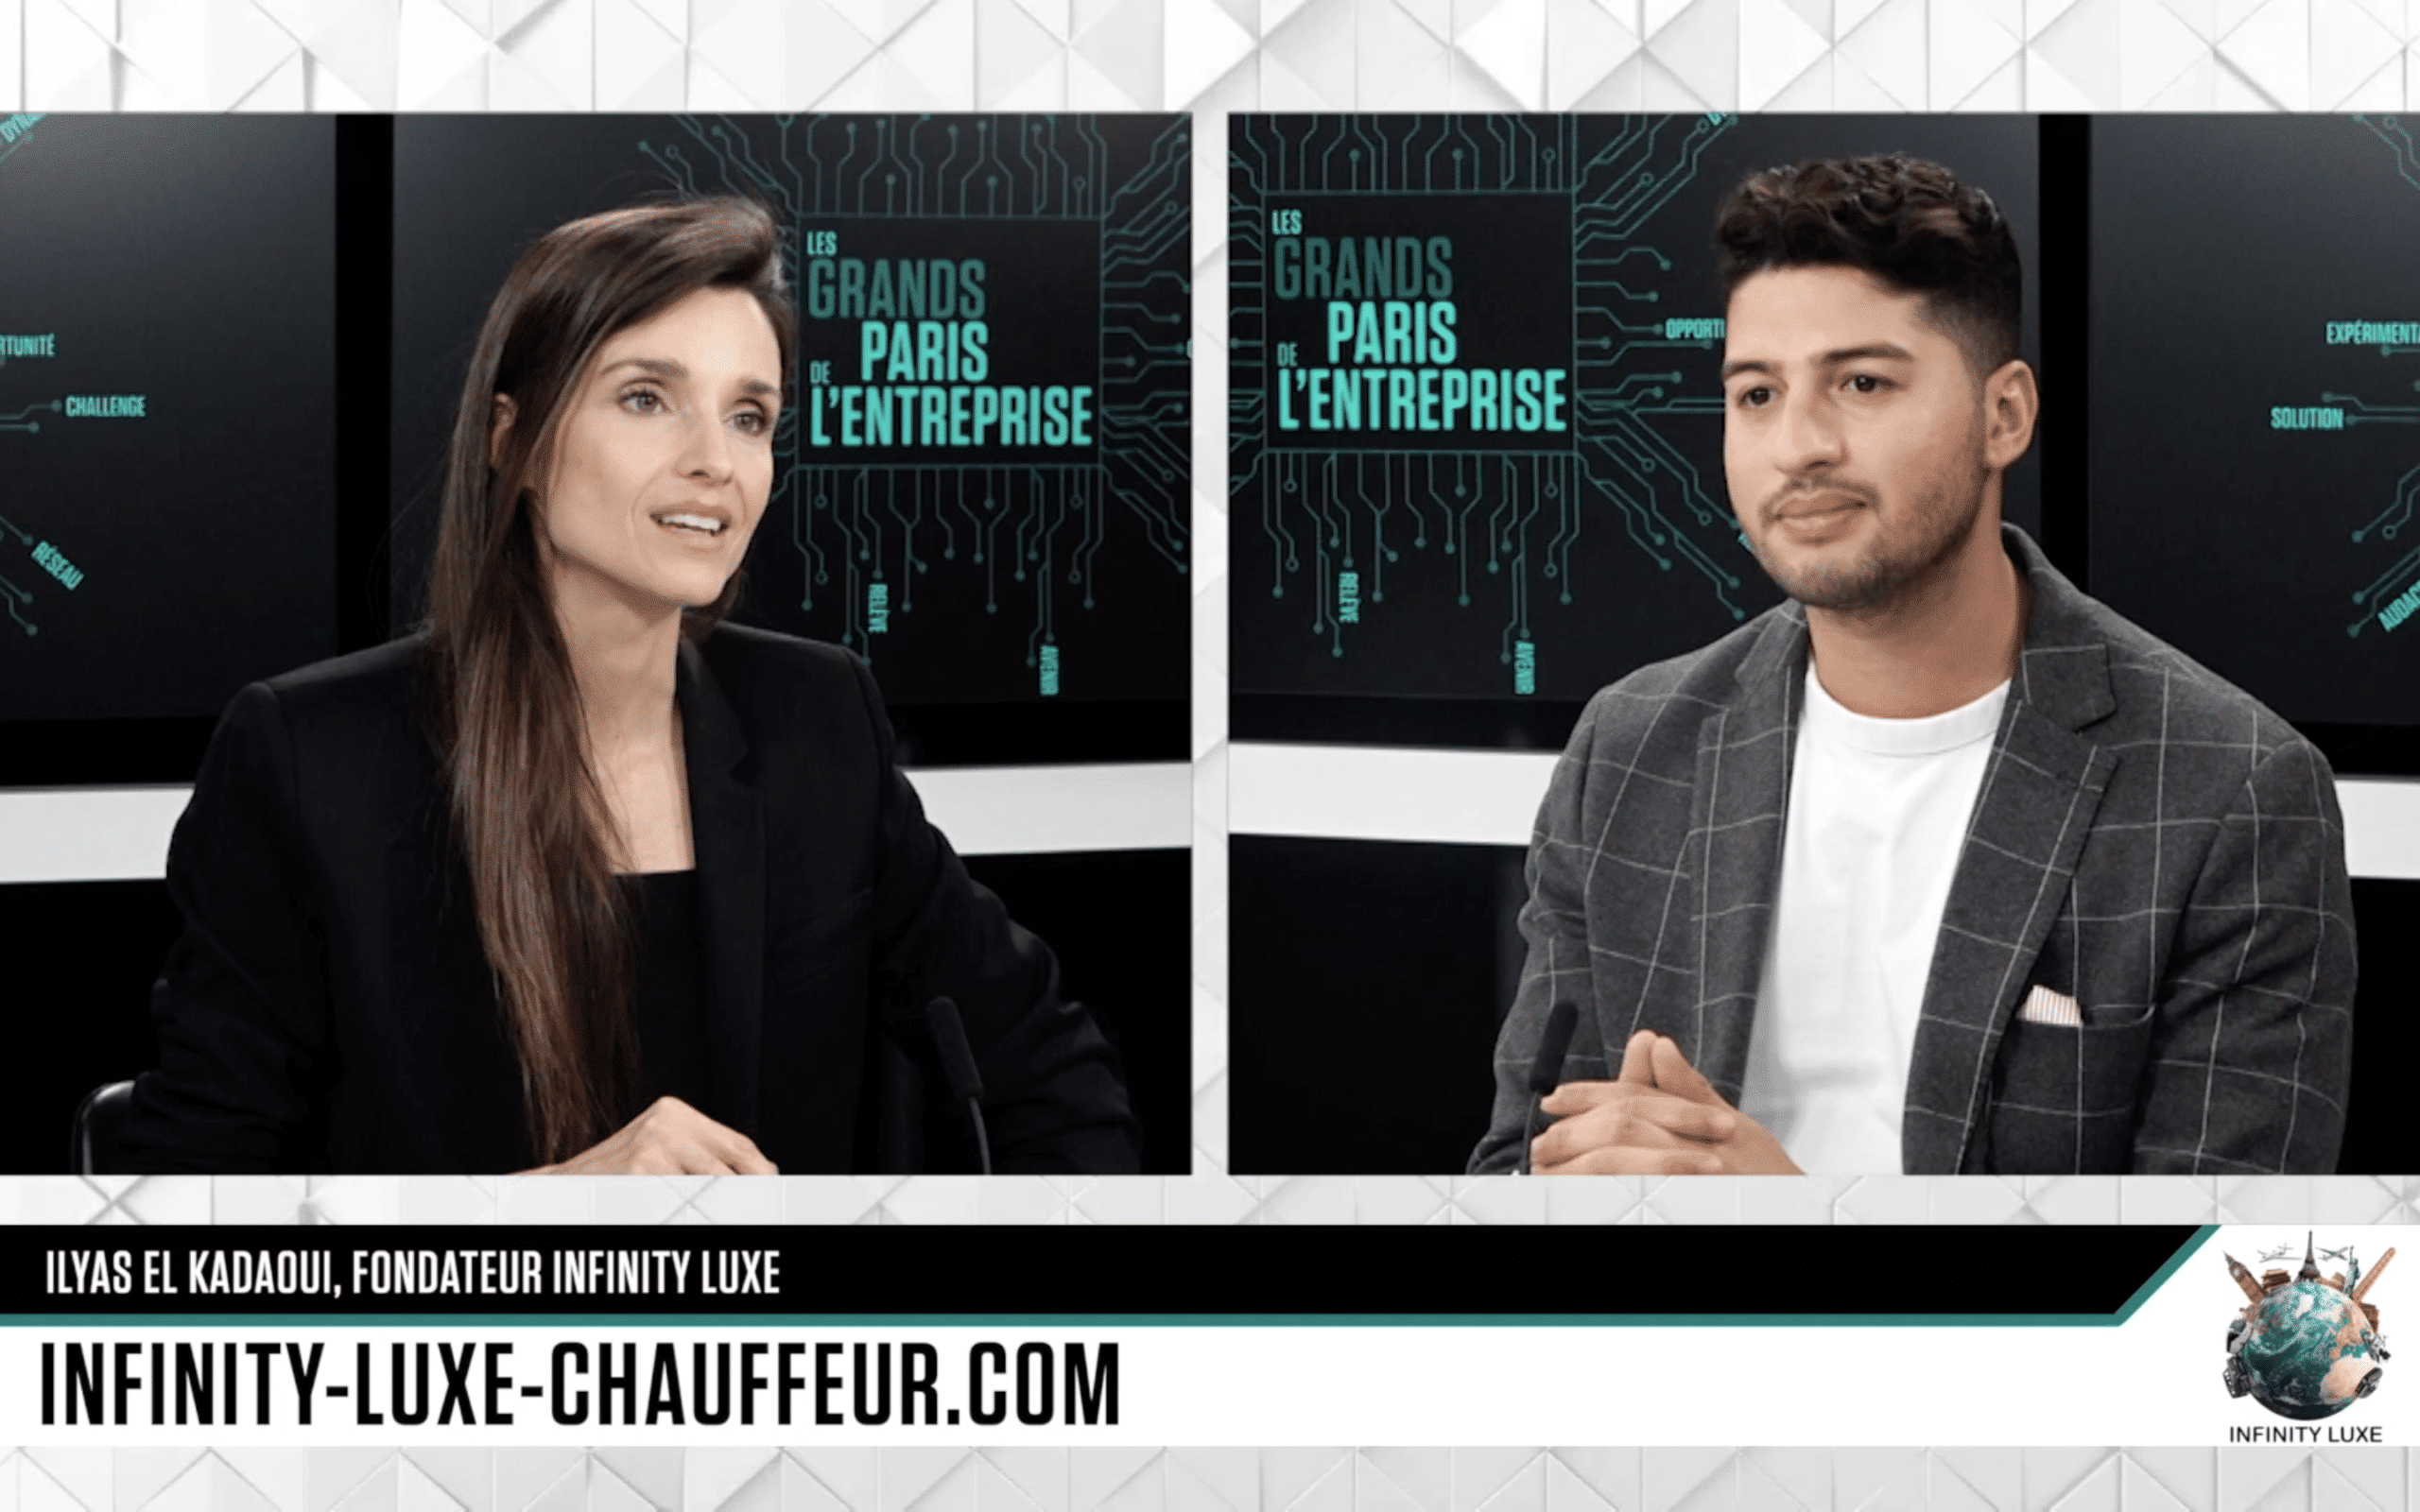 Infinity Luxe dans Les Grands Paris de l'Entreprise présentée par Céline Bosquet sur B Smart